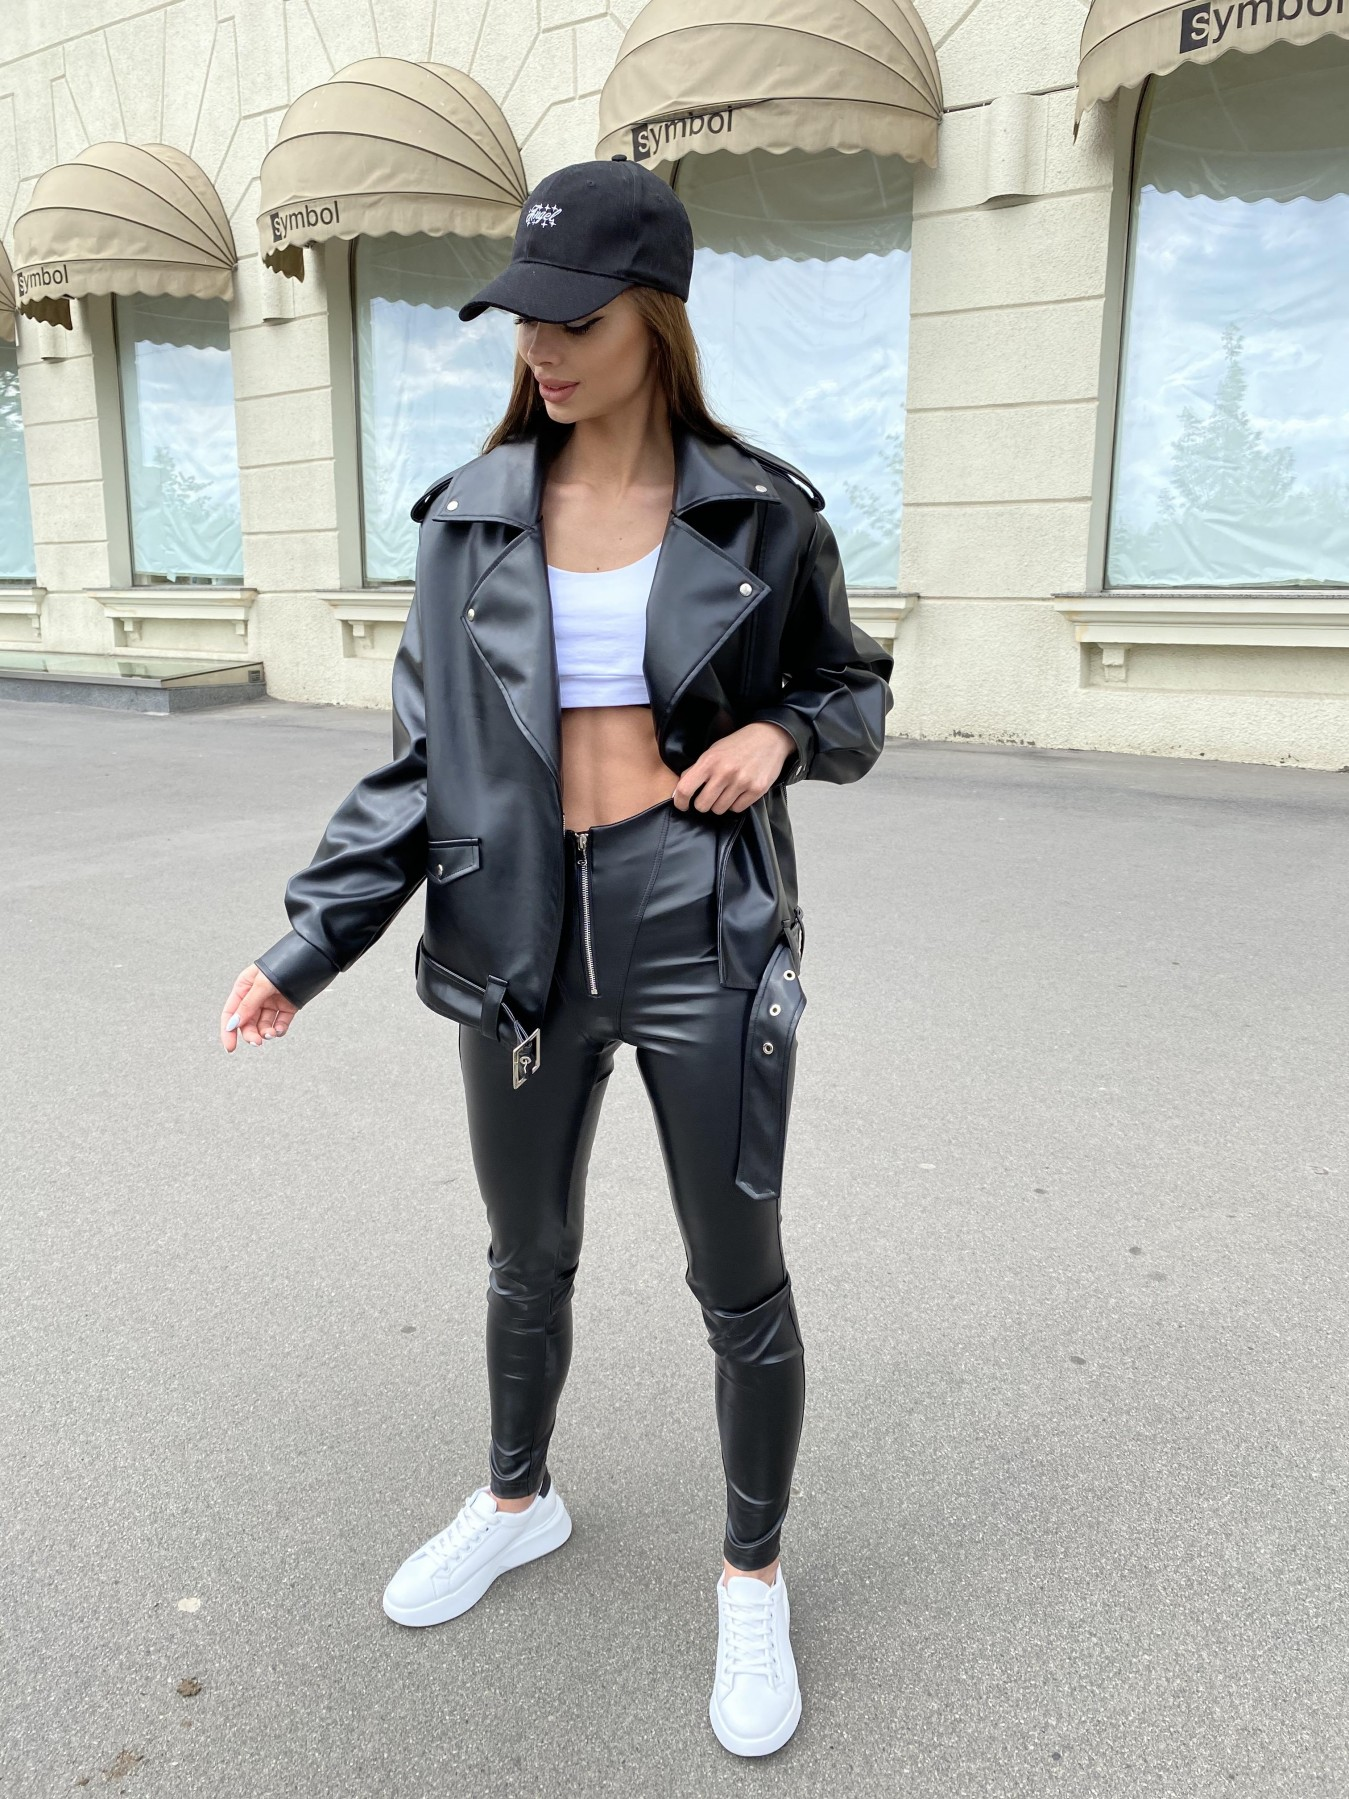 Фора куртка из экокожи прокатанная 11204 АРТ. 47779 Цвет: Черный - фото 6, интернет магазин tm-modus.ru